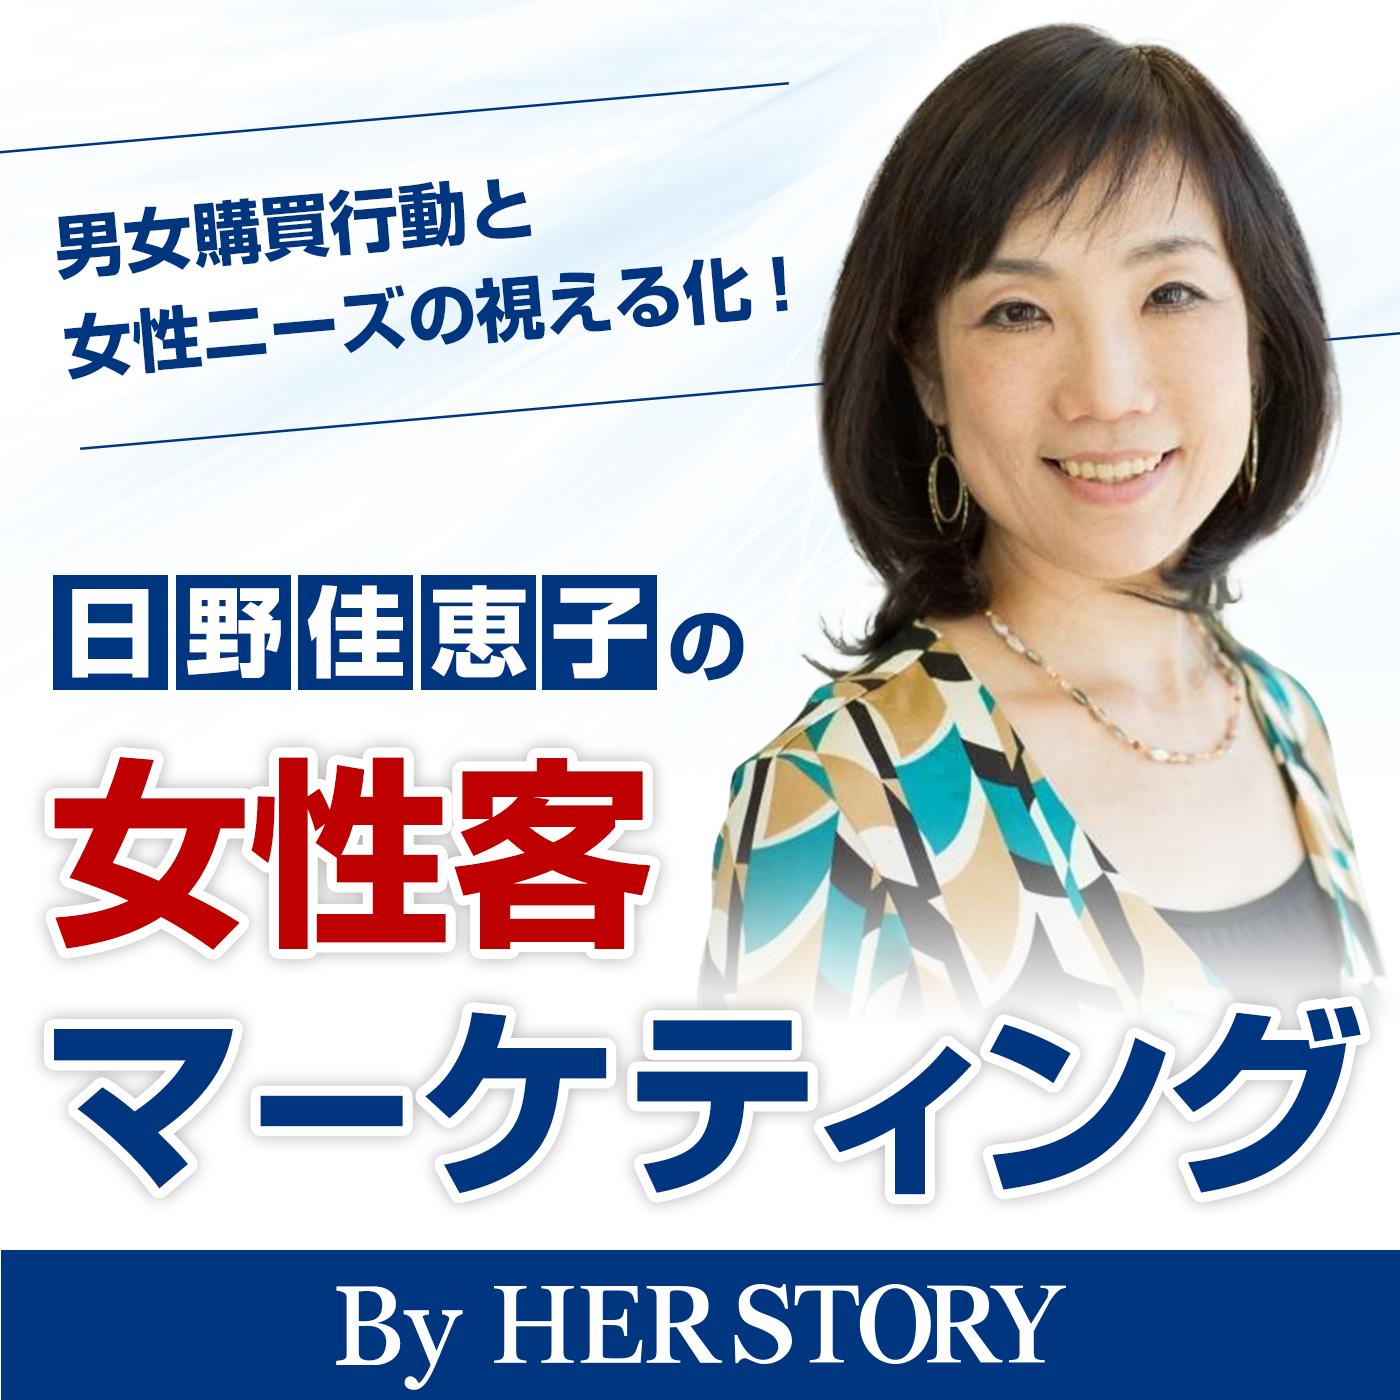 日野佳恵子の女性客マーケティング